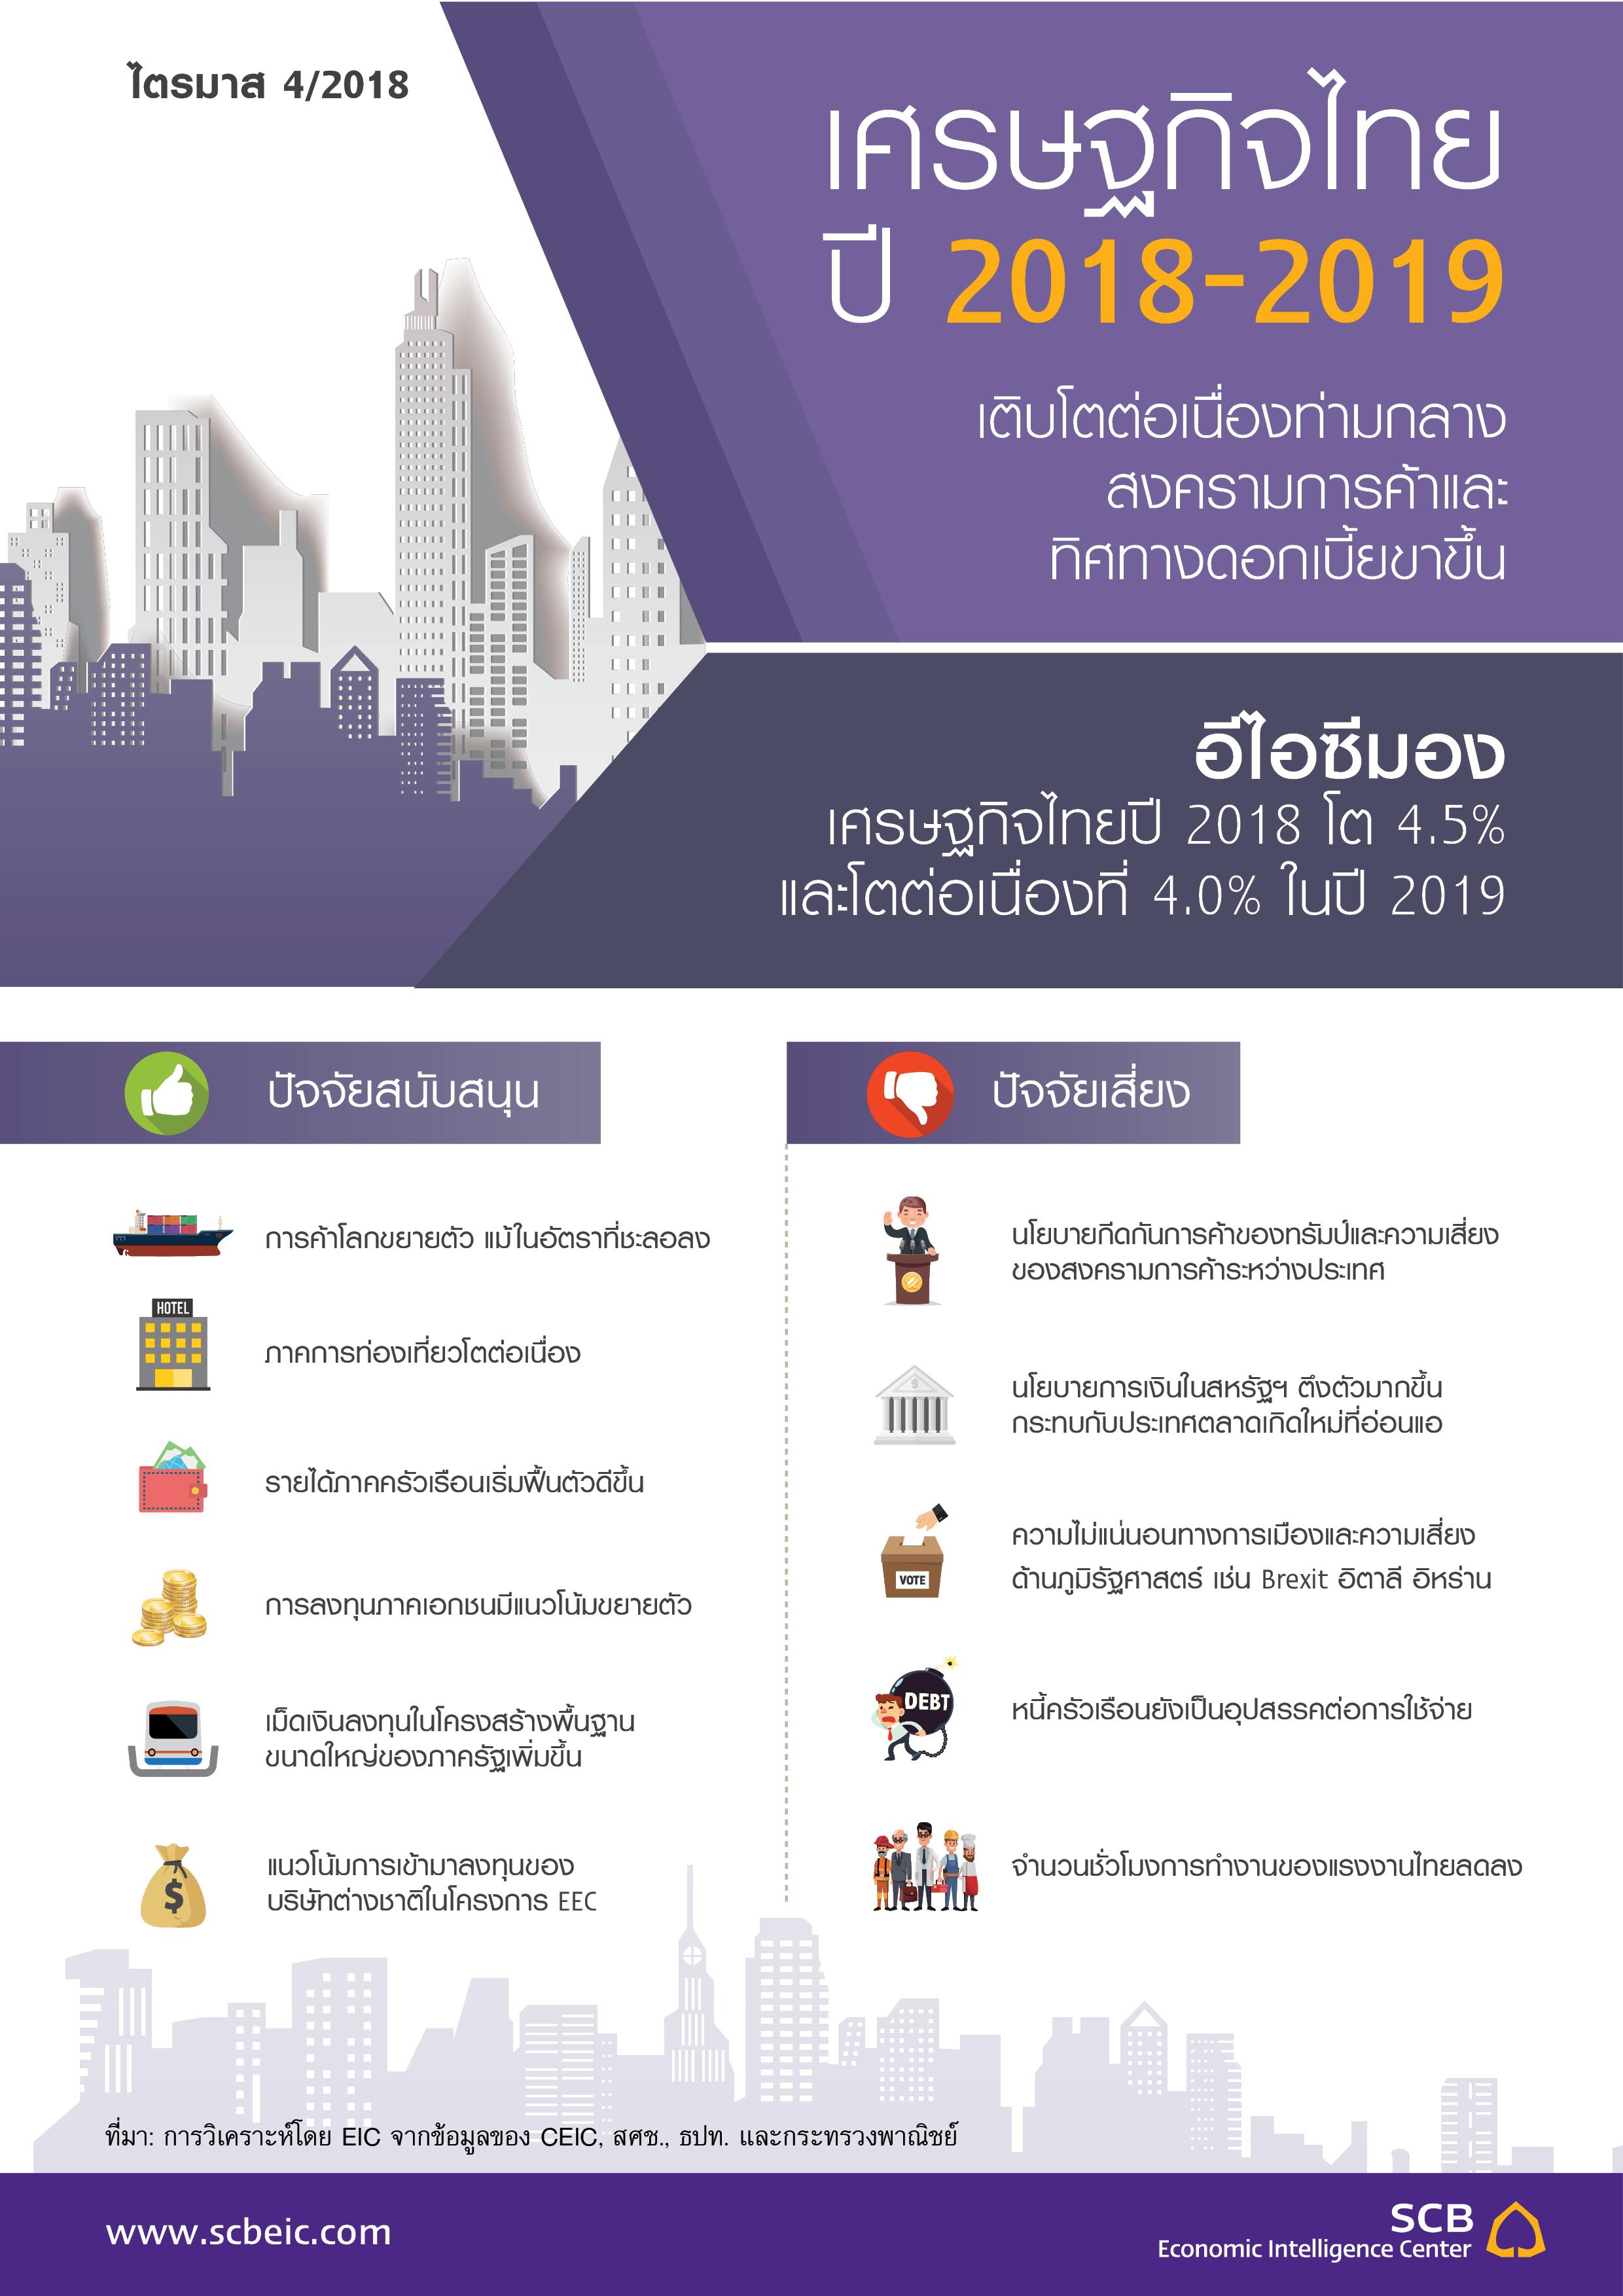 Outlook_Q4_2018_Thai_economy.jpg